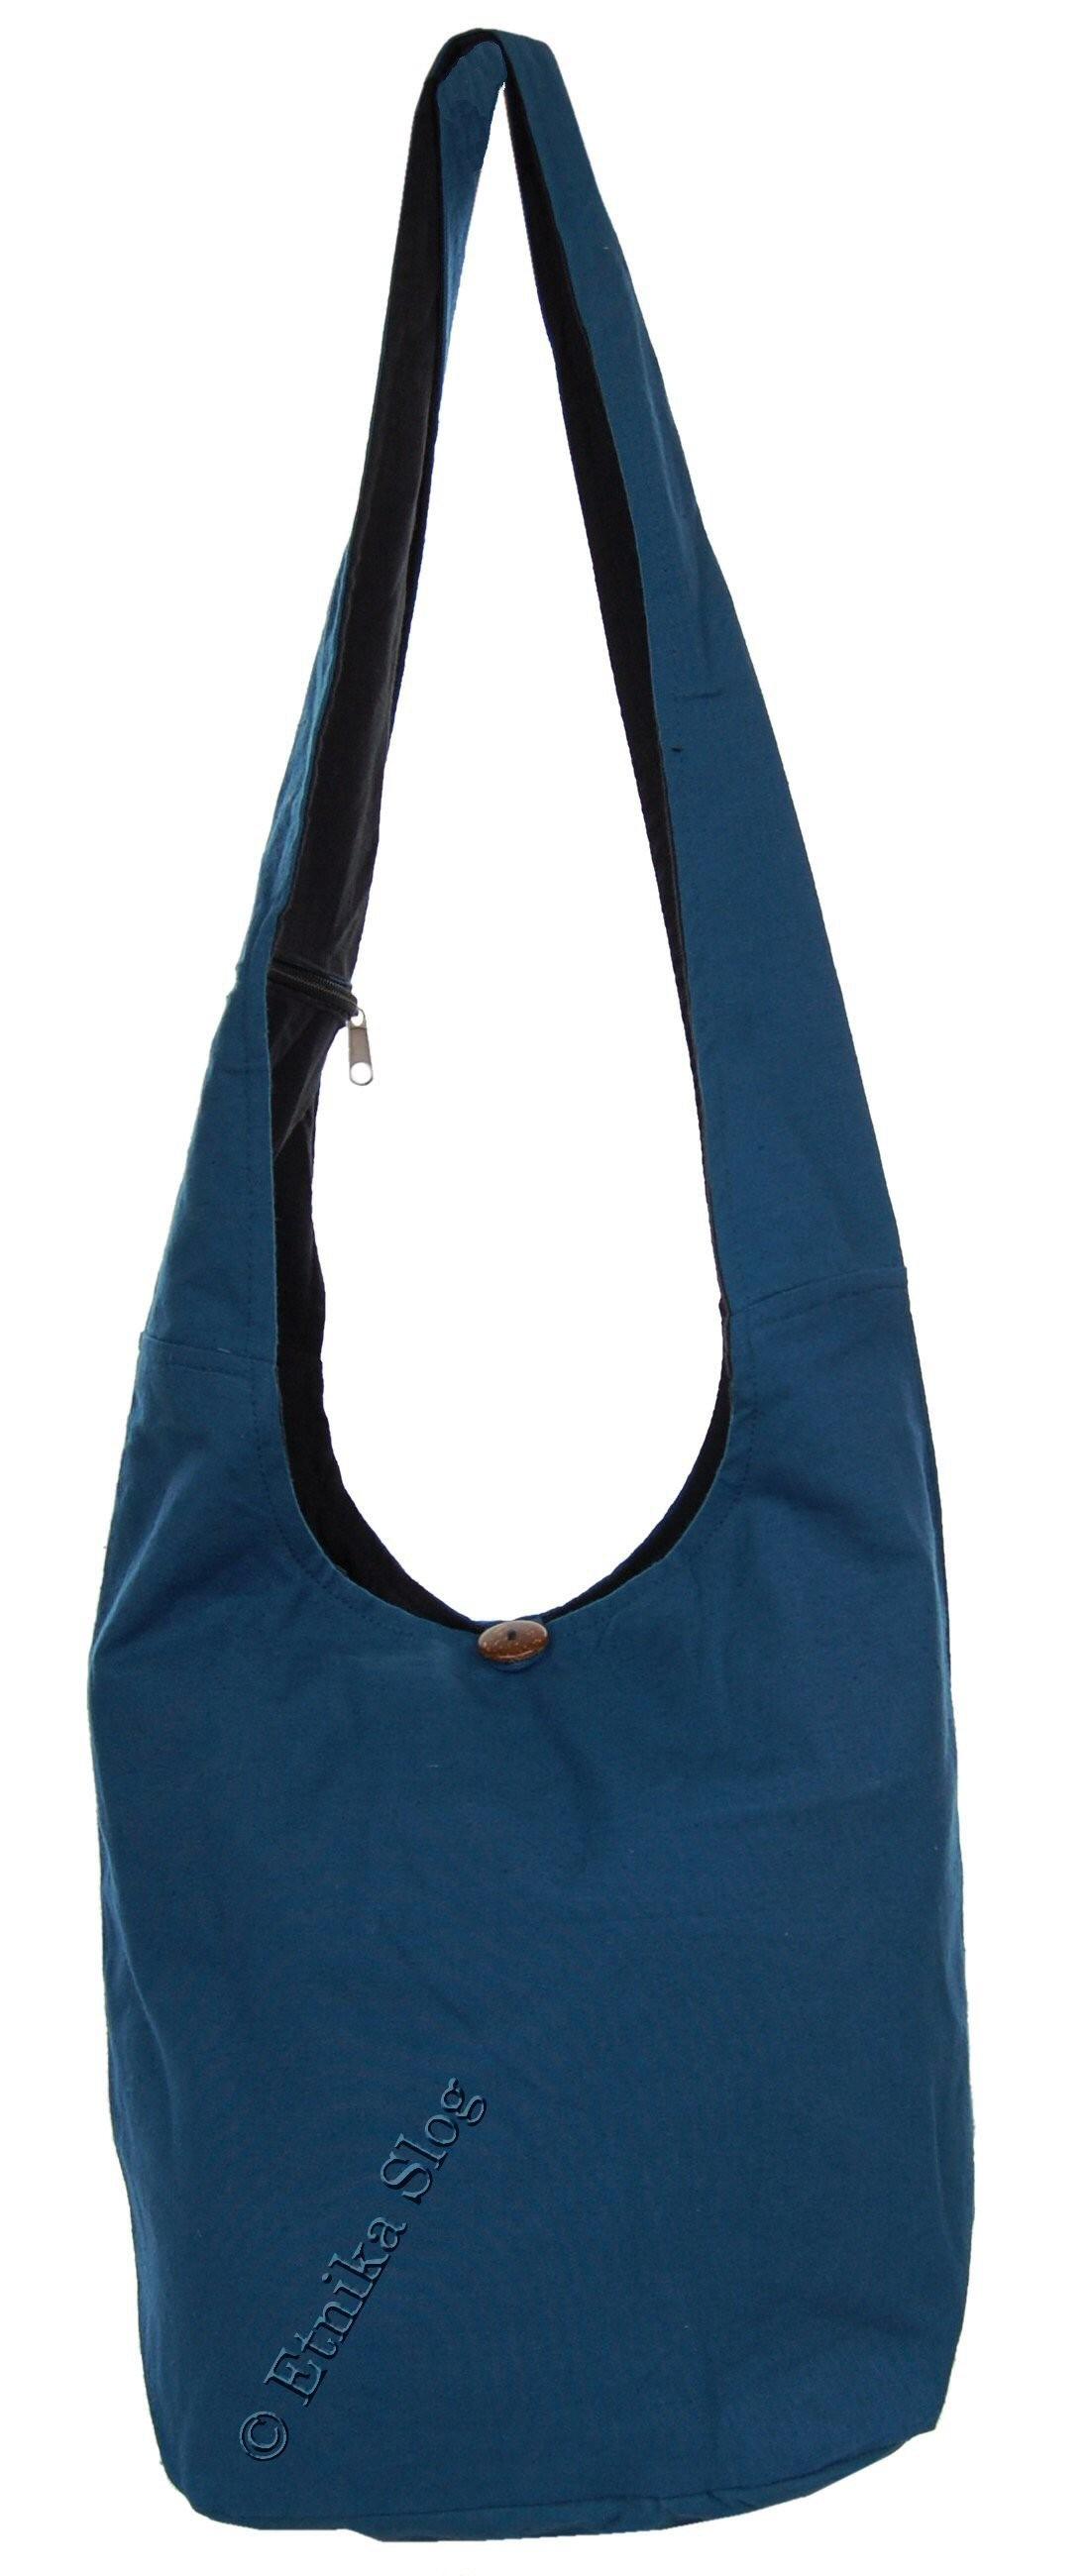 SHOULDER BAGS BS-ESB08 - Etnika Slog d.o.o.